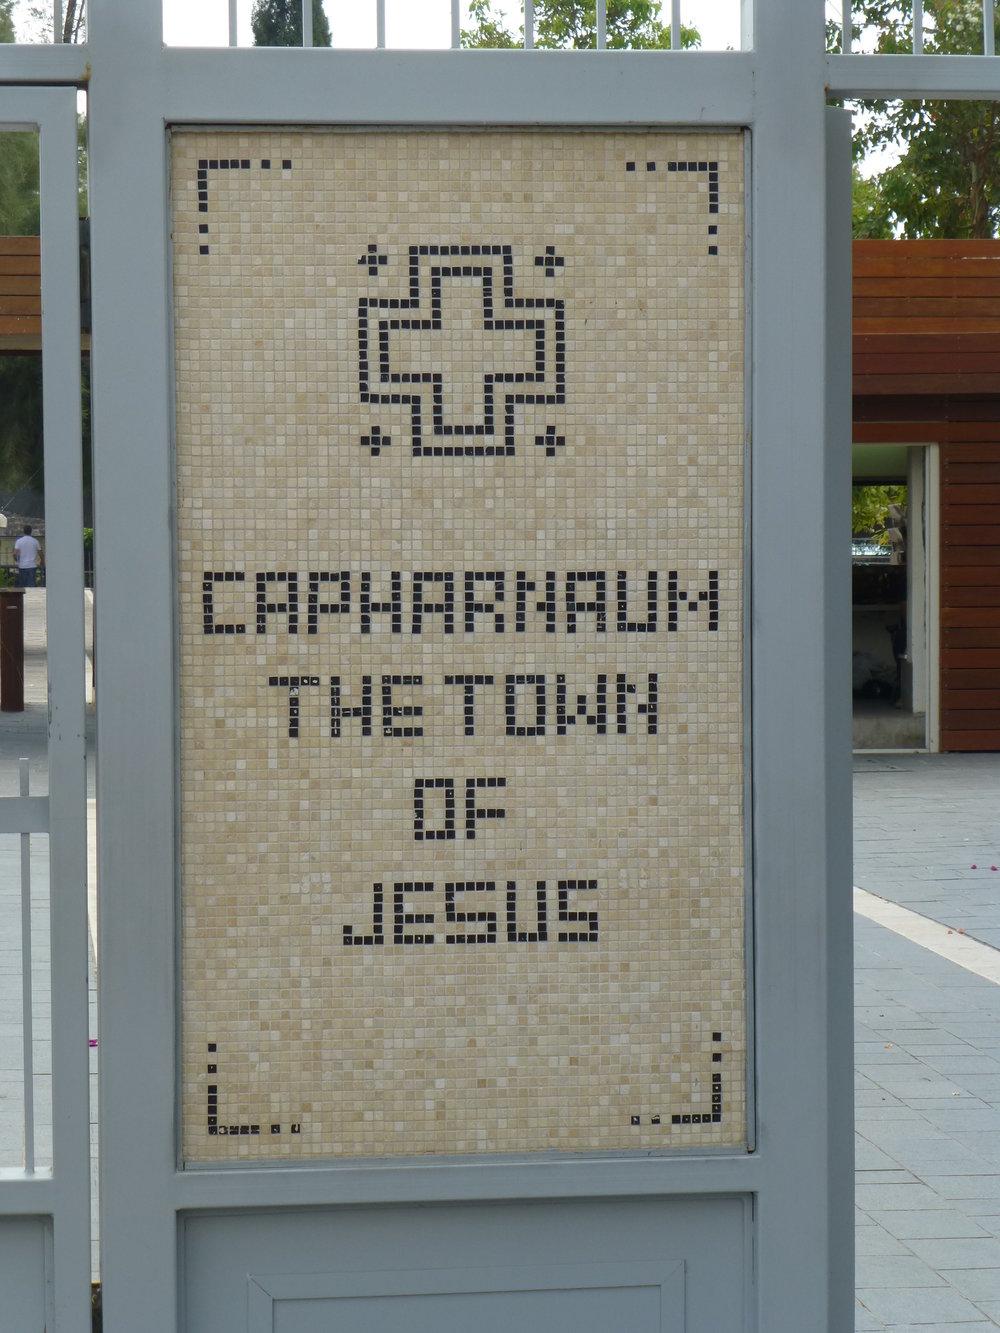 Capernaum-Sea of Galilee Israel 2.JPG